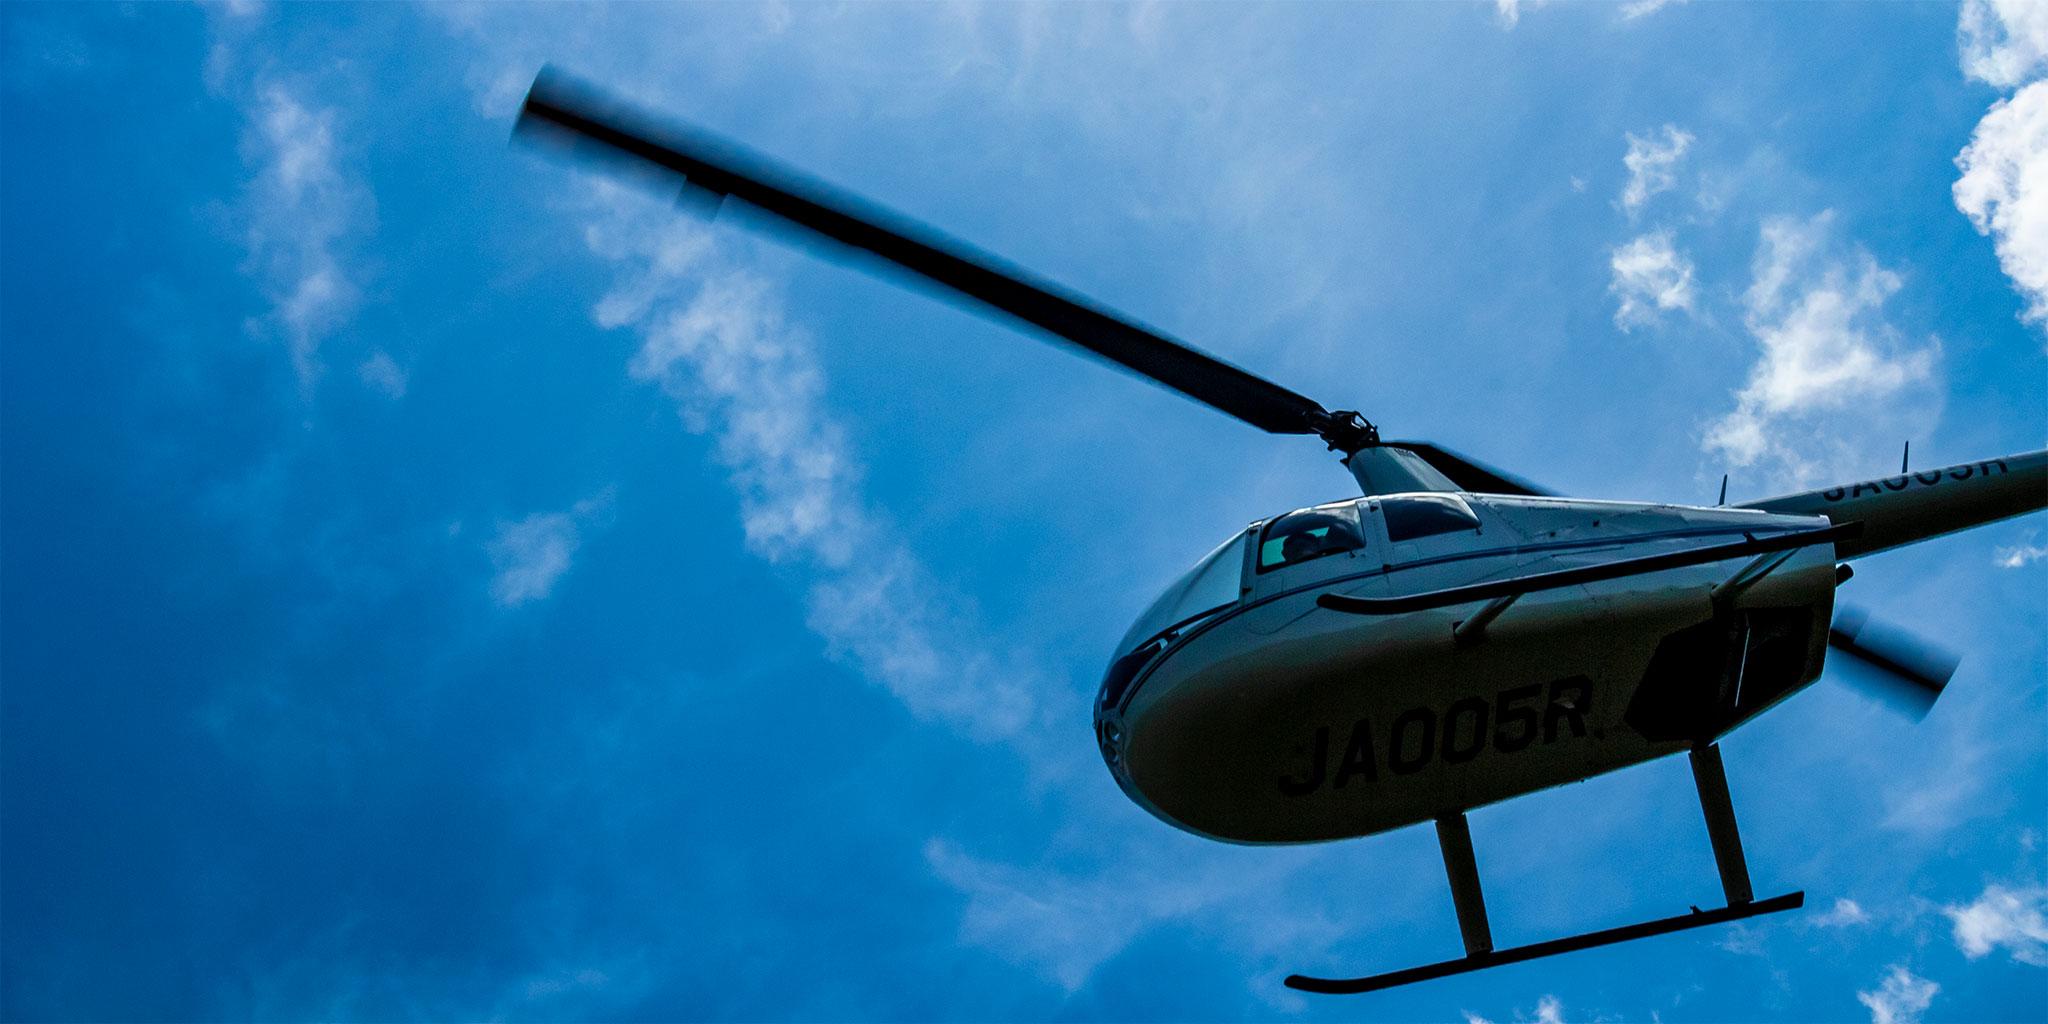 ヘリコプターを下から見た光景